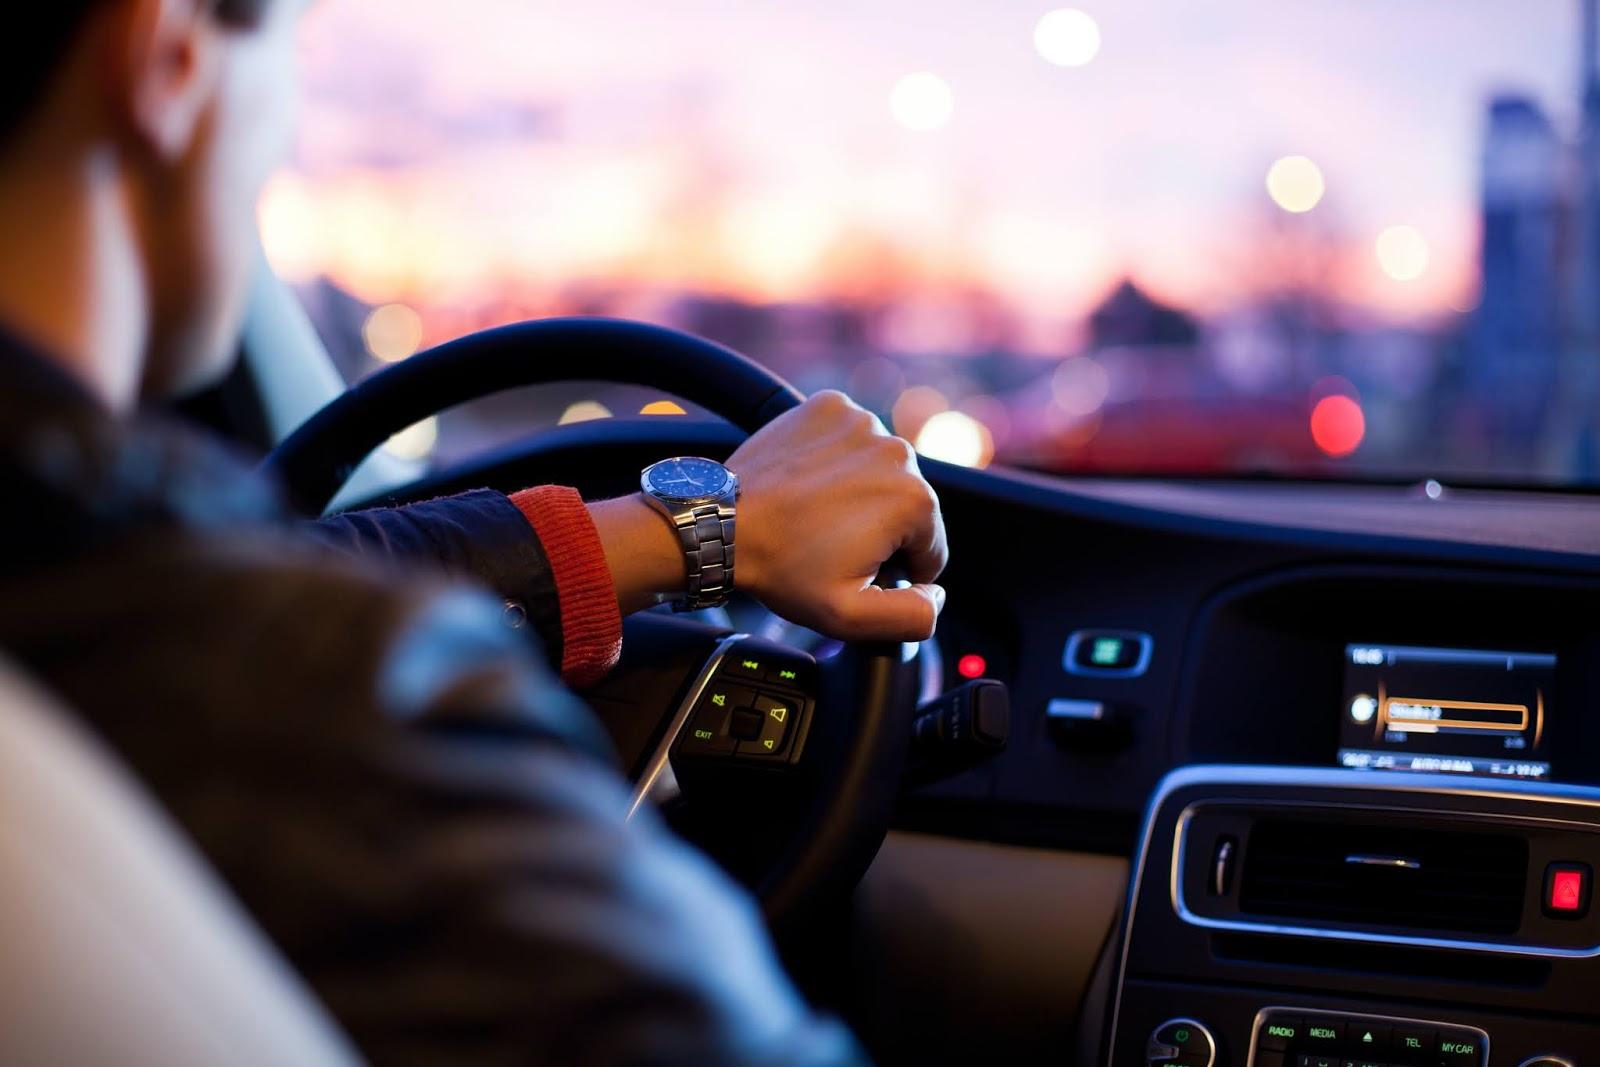 Τραγικός απολογισμός στην ΑΜΘ: Λόγω μέθης τα περισσότερα τροχαία